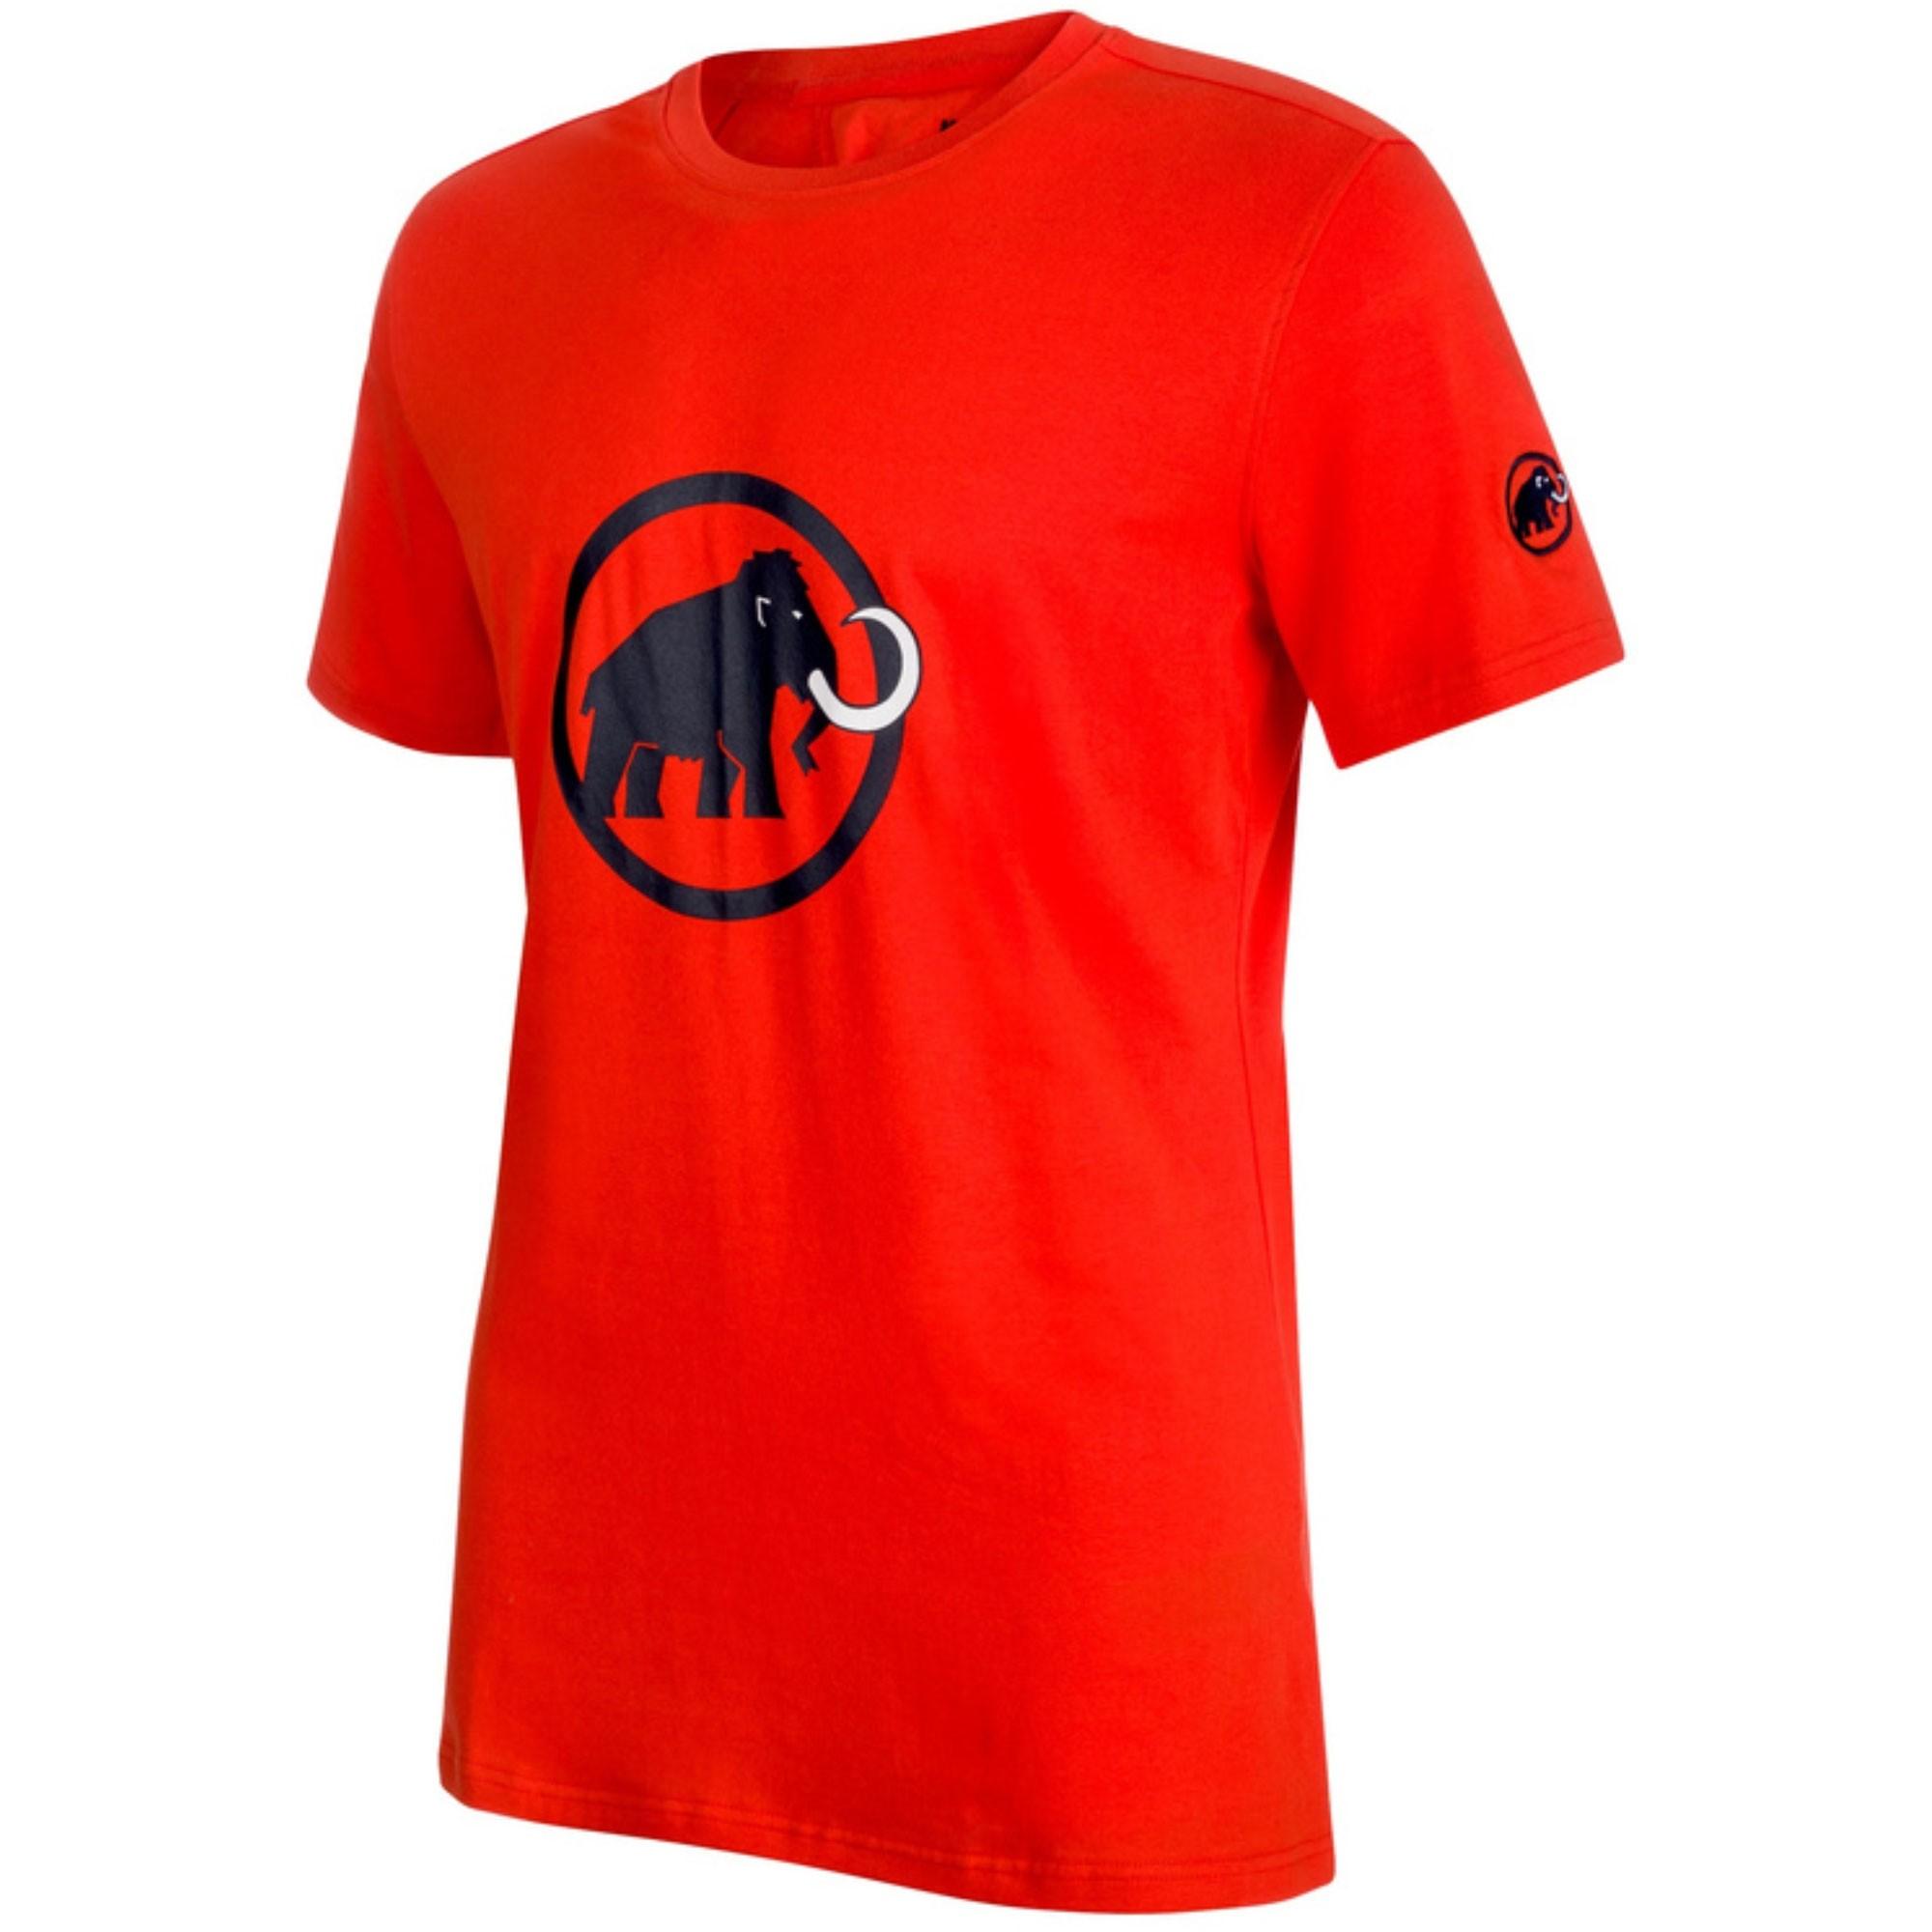 Mammut Logo T-Shirt - Dark Orange/Marine